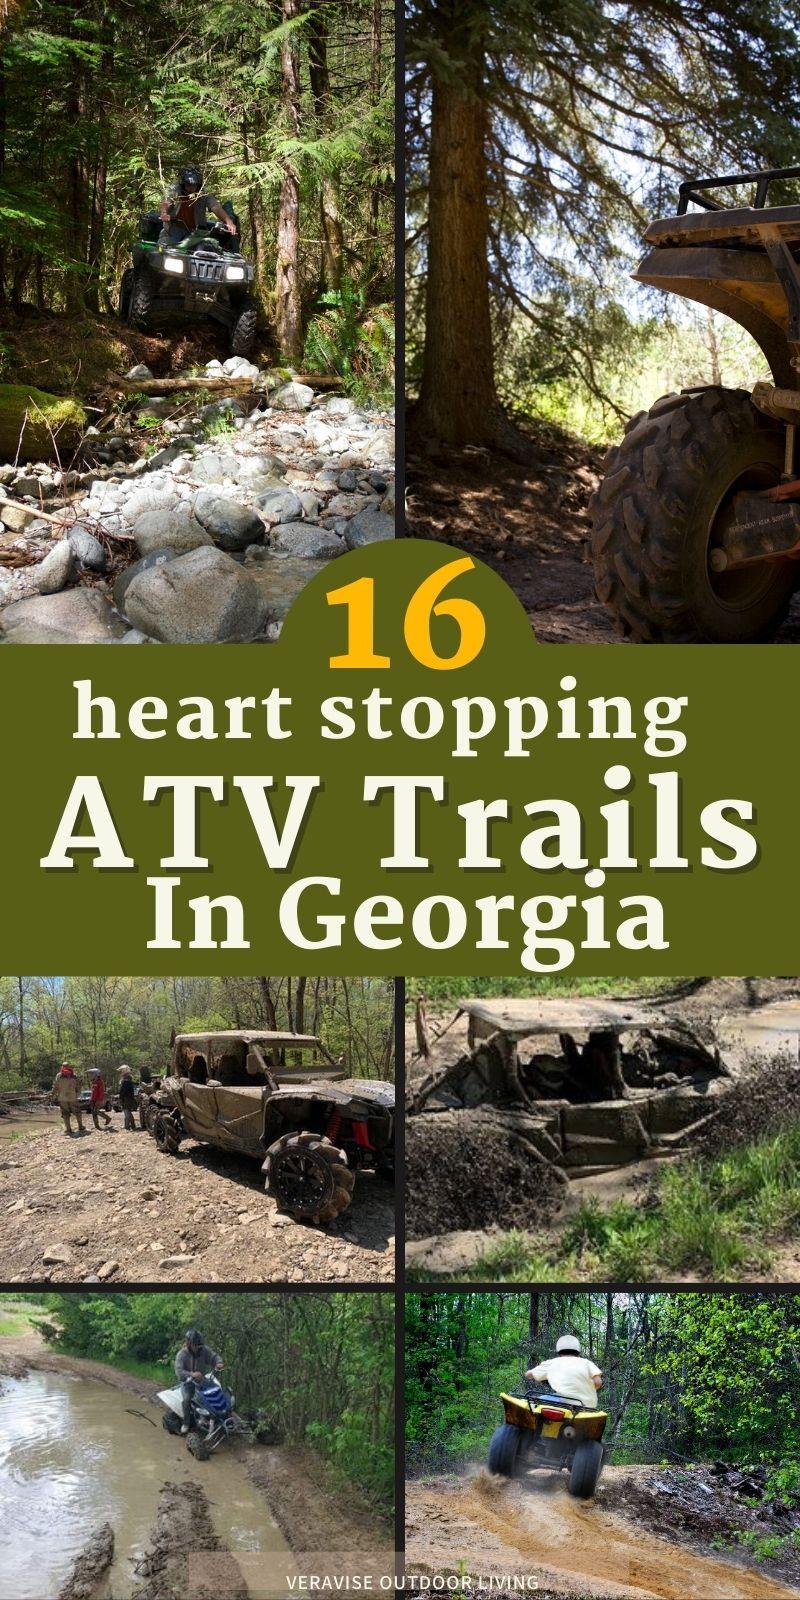 GA ATV trails